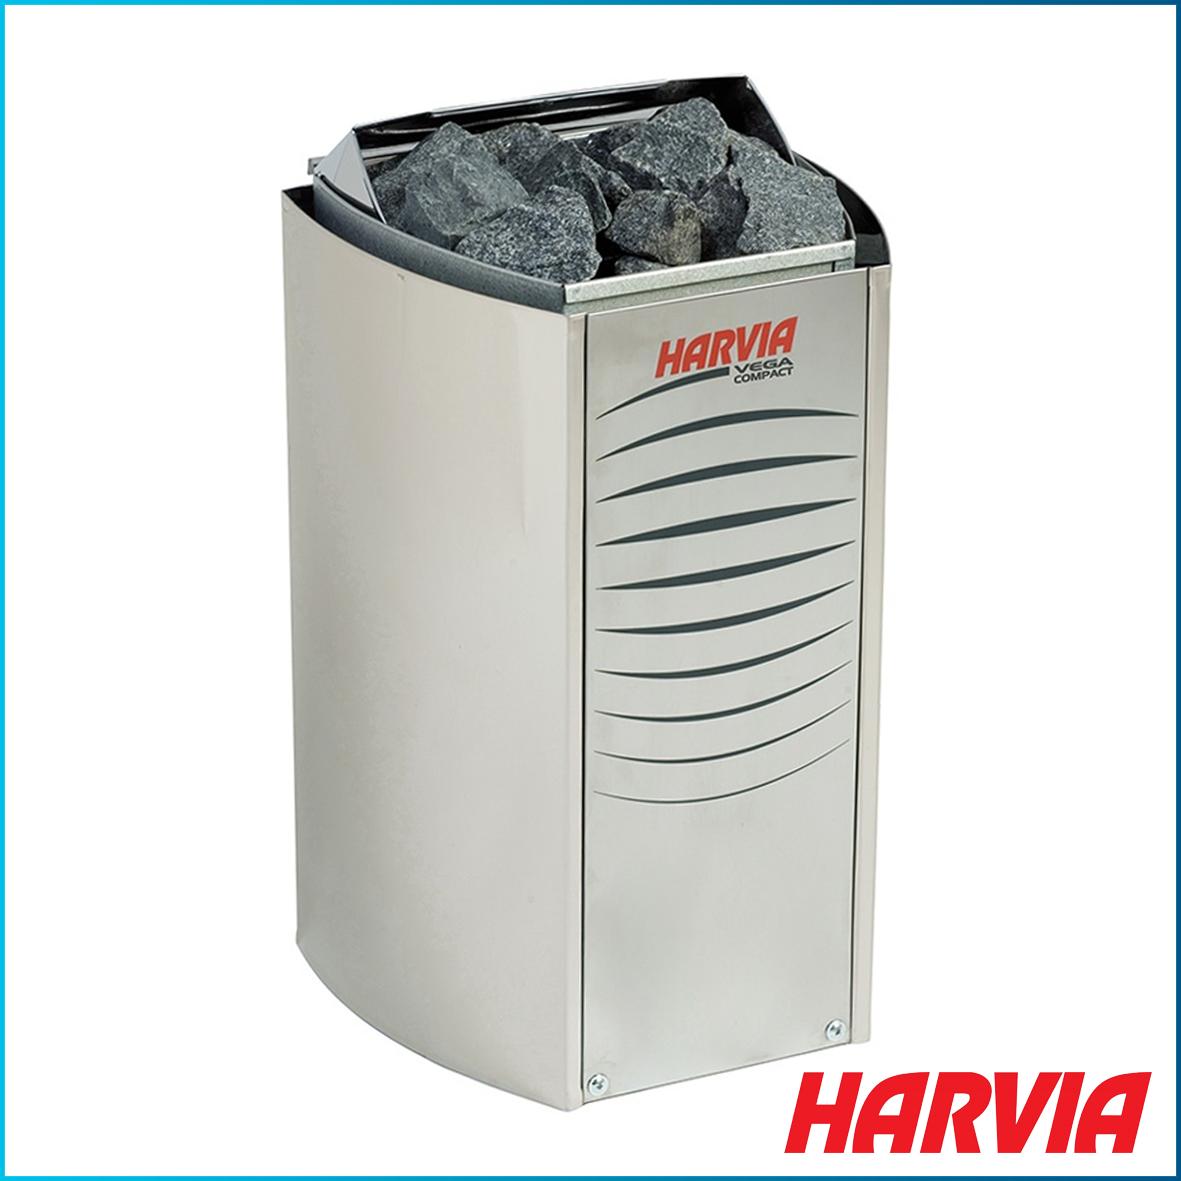 Печь для бани Harvia Vega Compact ВС35 Е электрическая